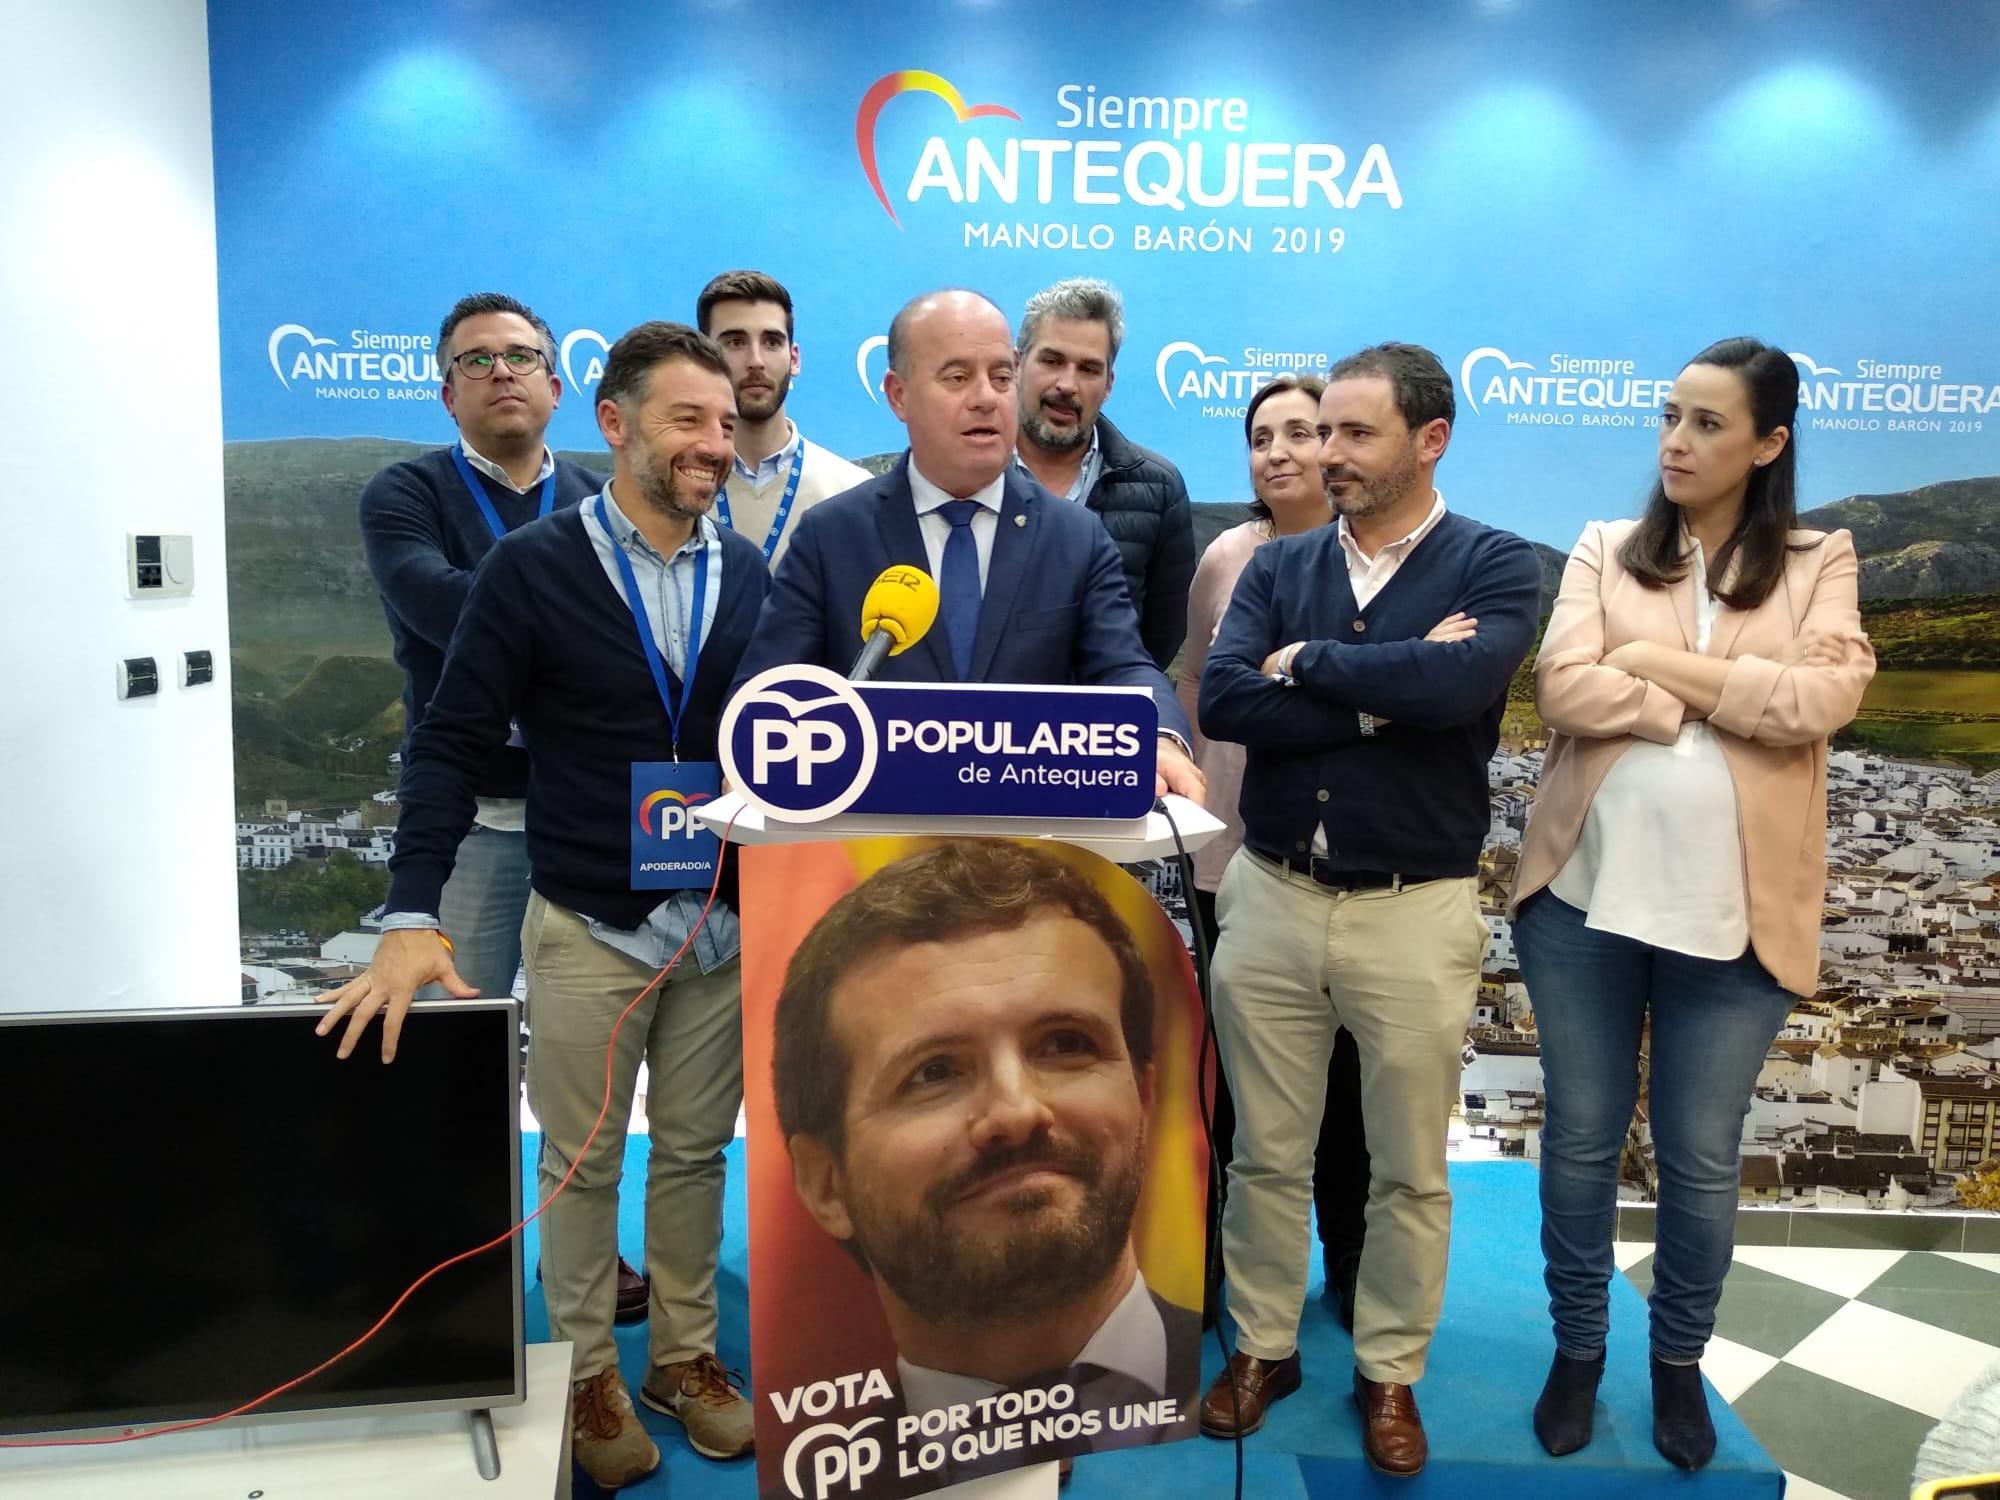 El Partido Popular, segunda fuerza en España y Antequera - Las 4 Esquinas